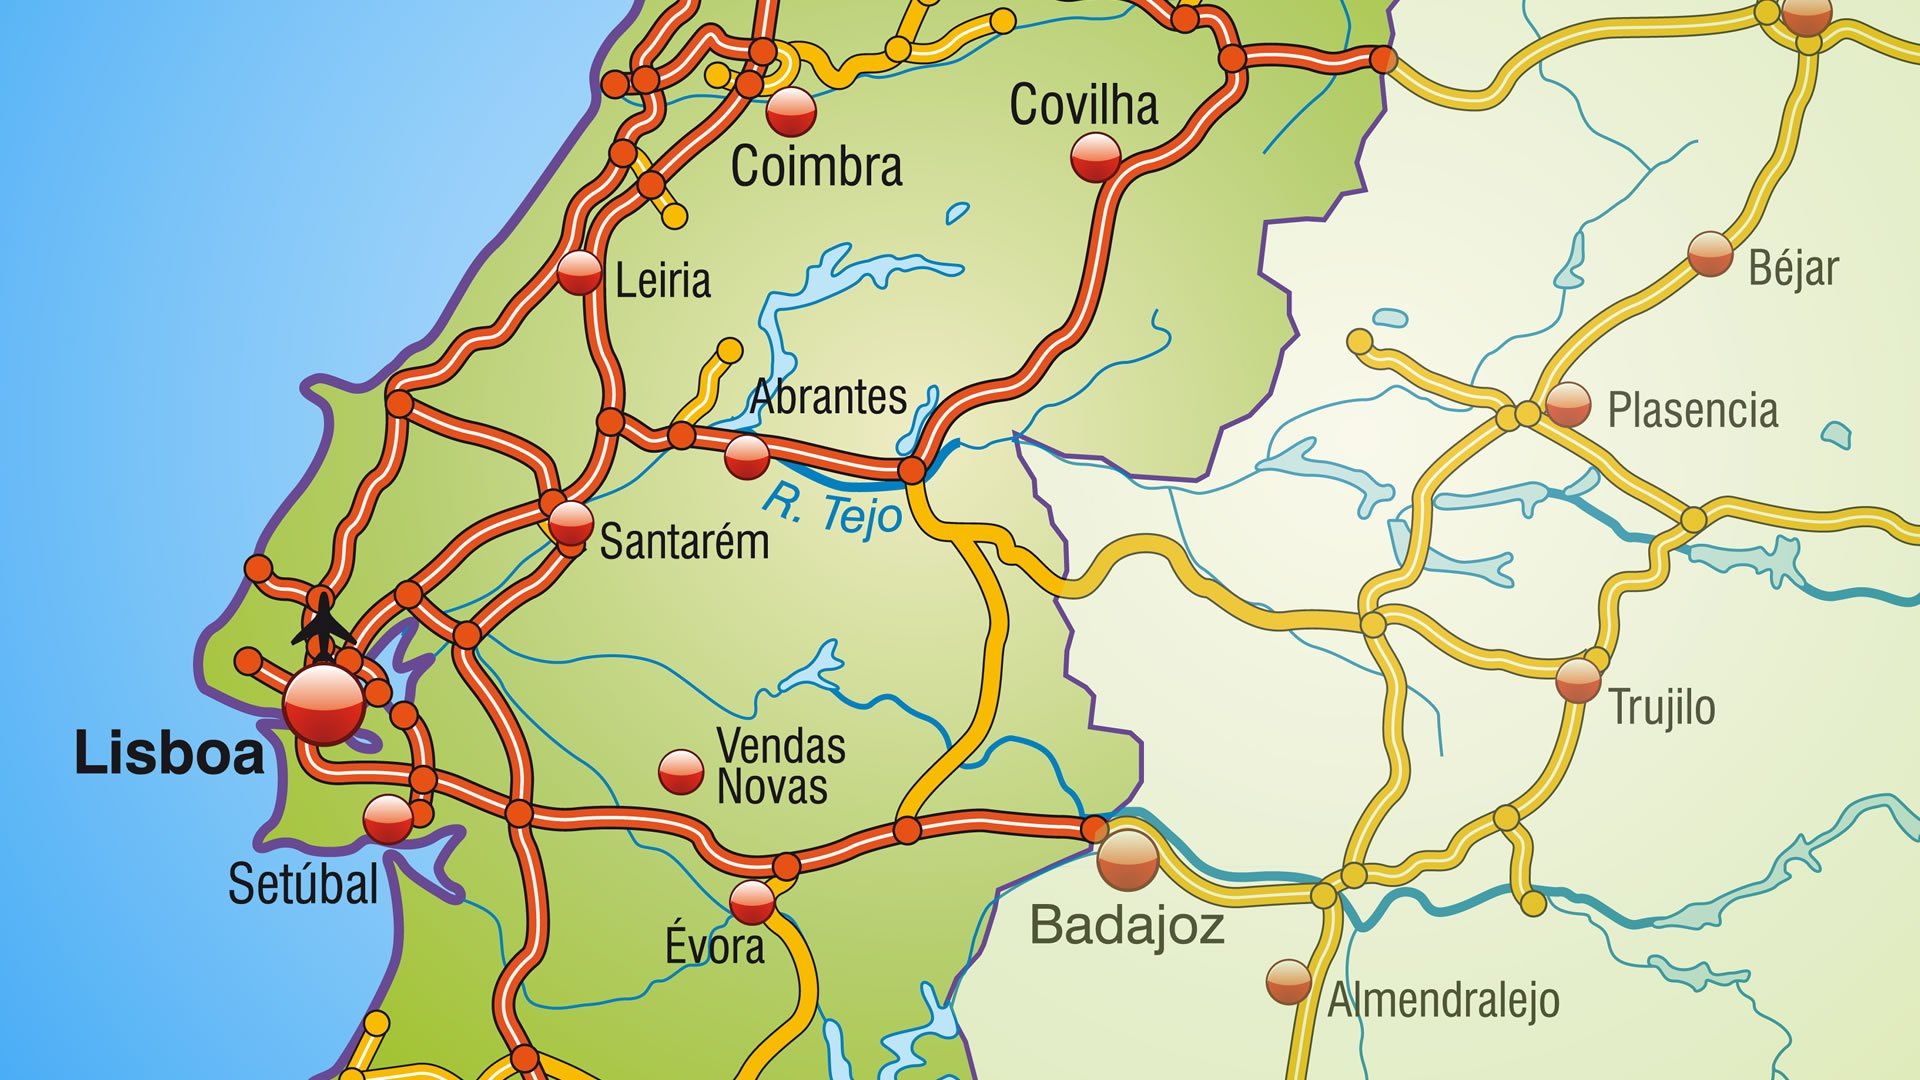 Encontros Gay em Lisboa | Comunidade Gay Portugal